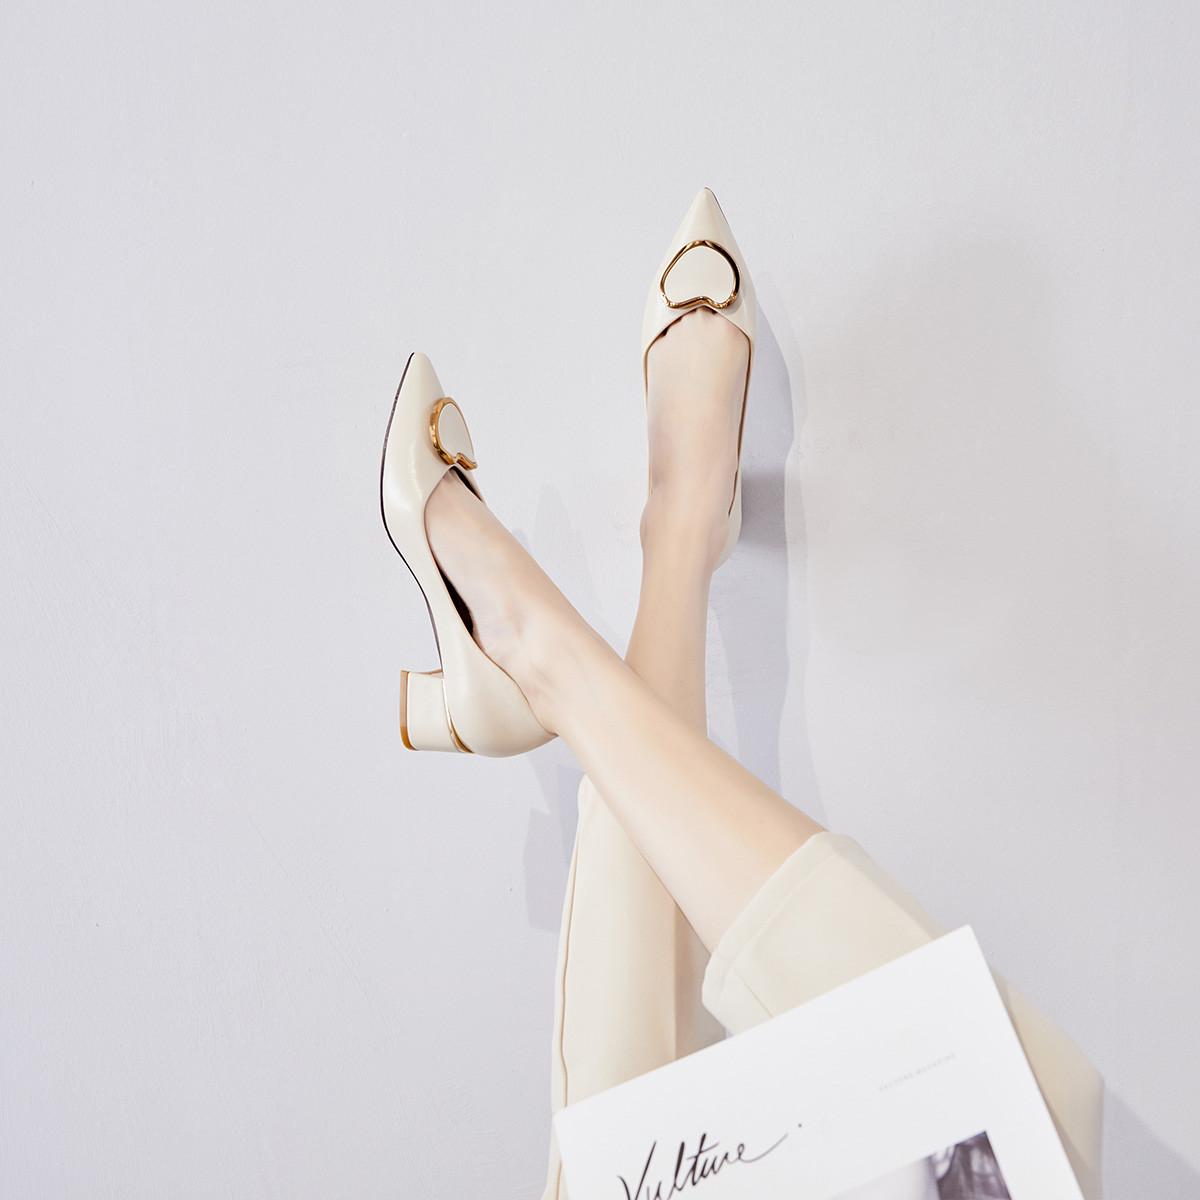 2021春季新款女单鞋精致优雅尖头女鞋粗跟浅口单鞋时髦饰扣鞋子 米白色 36